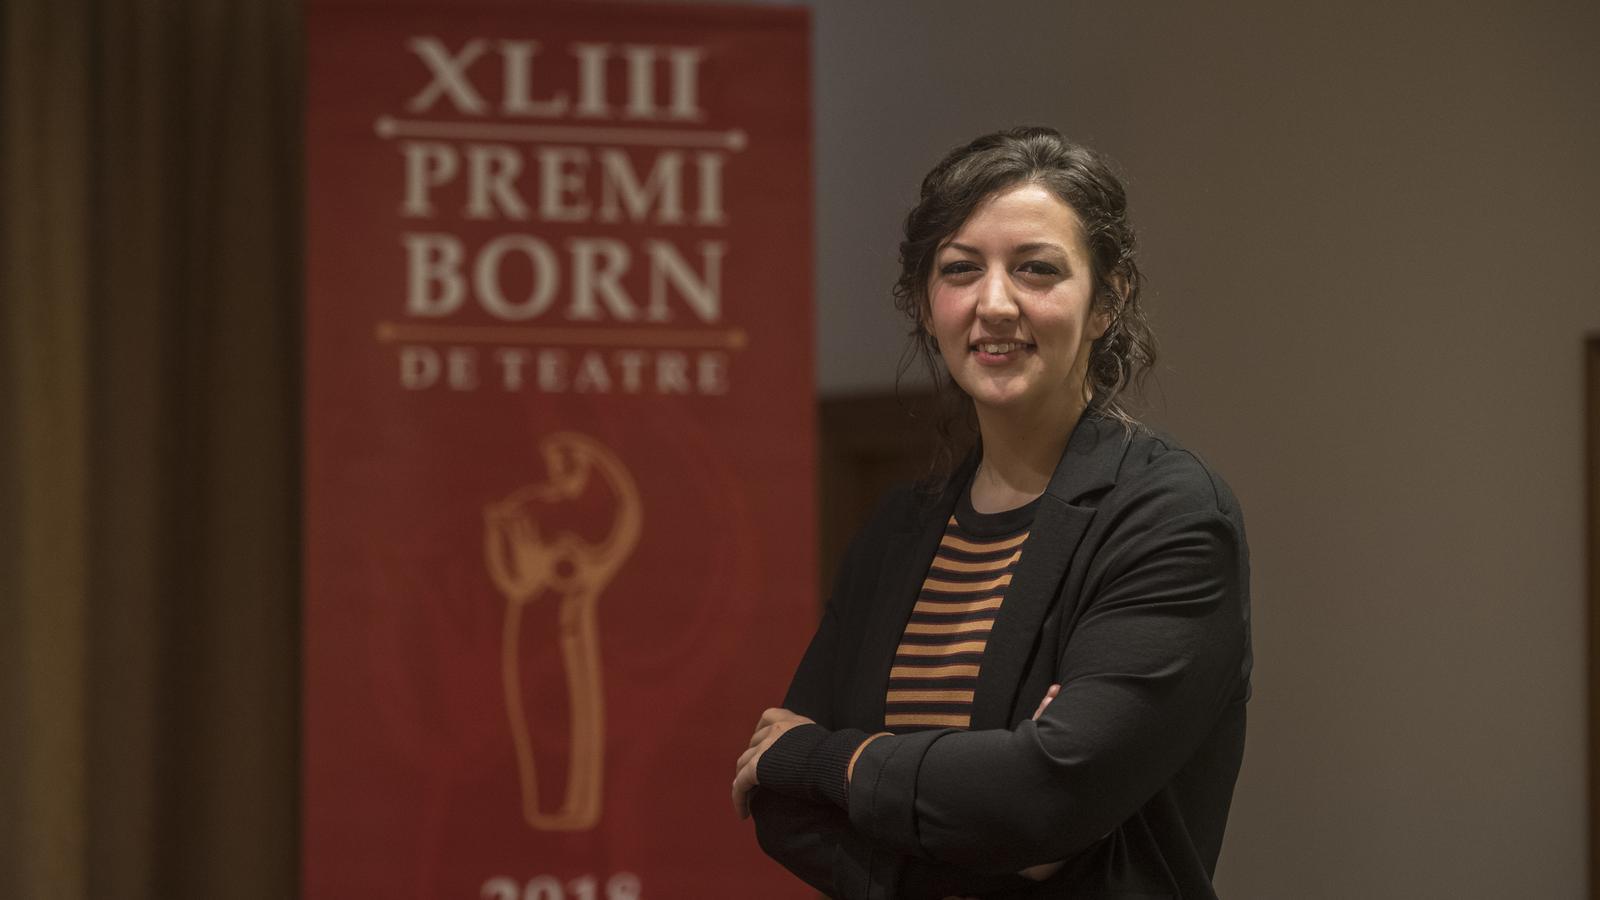 Ruth Gutiérrez Álvarez, guanyadora del Premi Born 2018 de teatre.